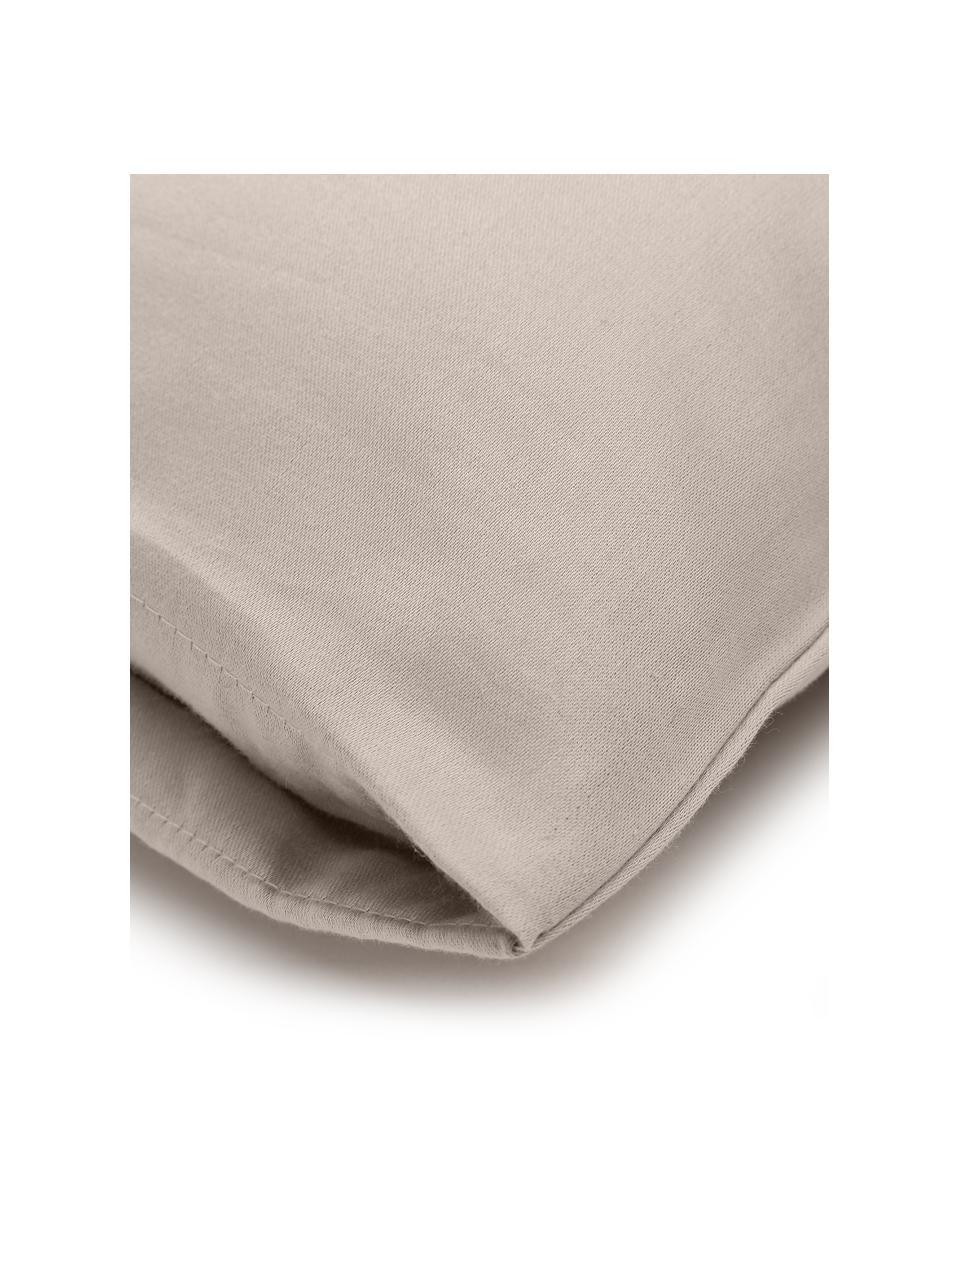 Poszewka na poduszkę z włókna bambusowego Skye, 2 szt., Beżowy, S 40 x D 80 cm